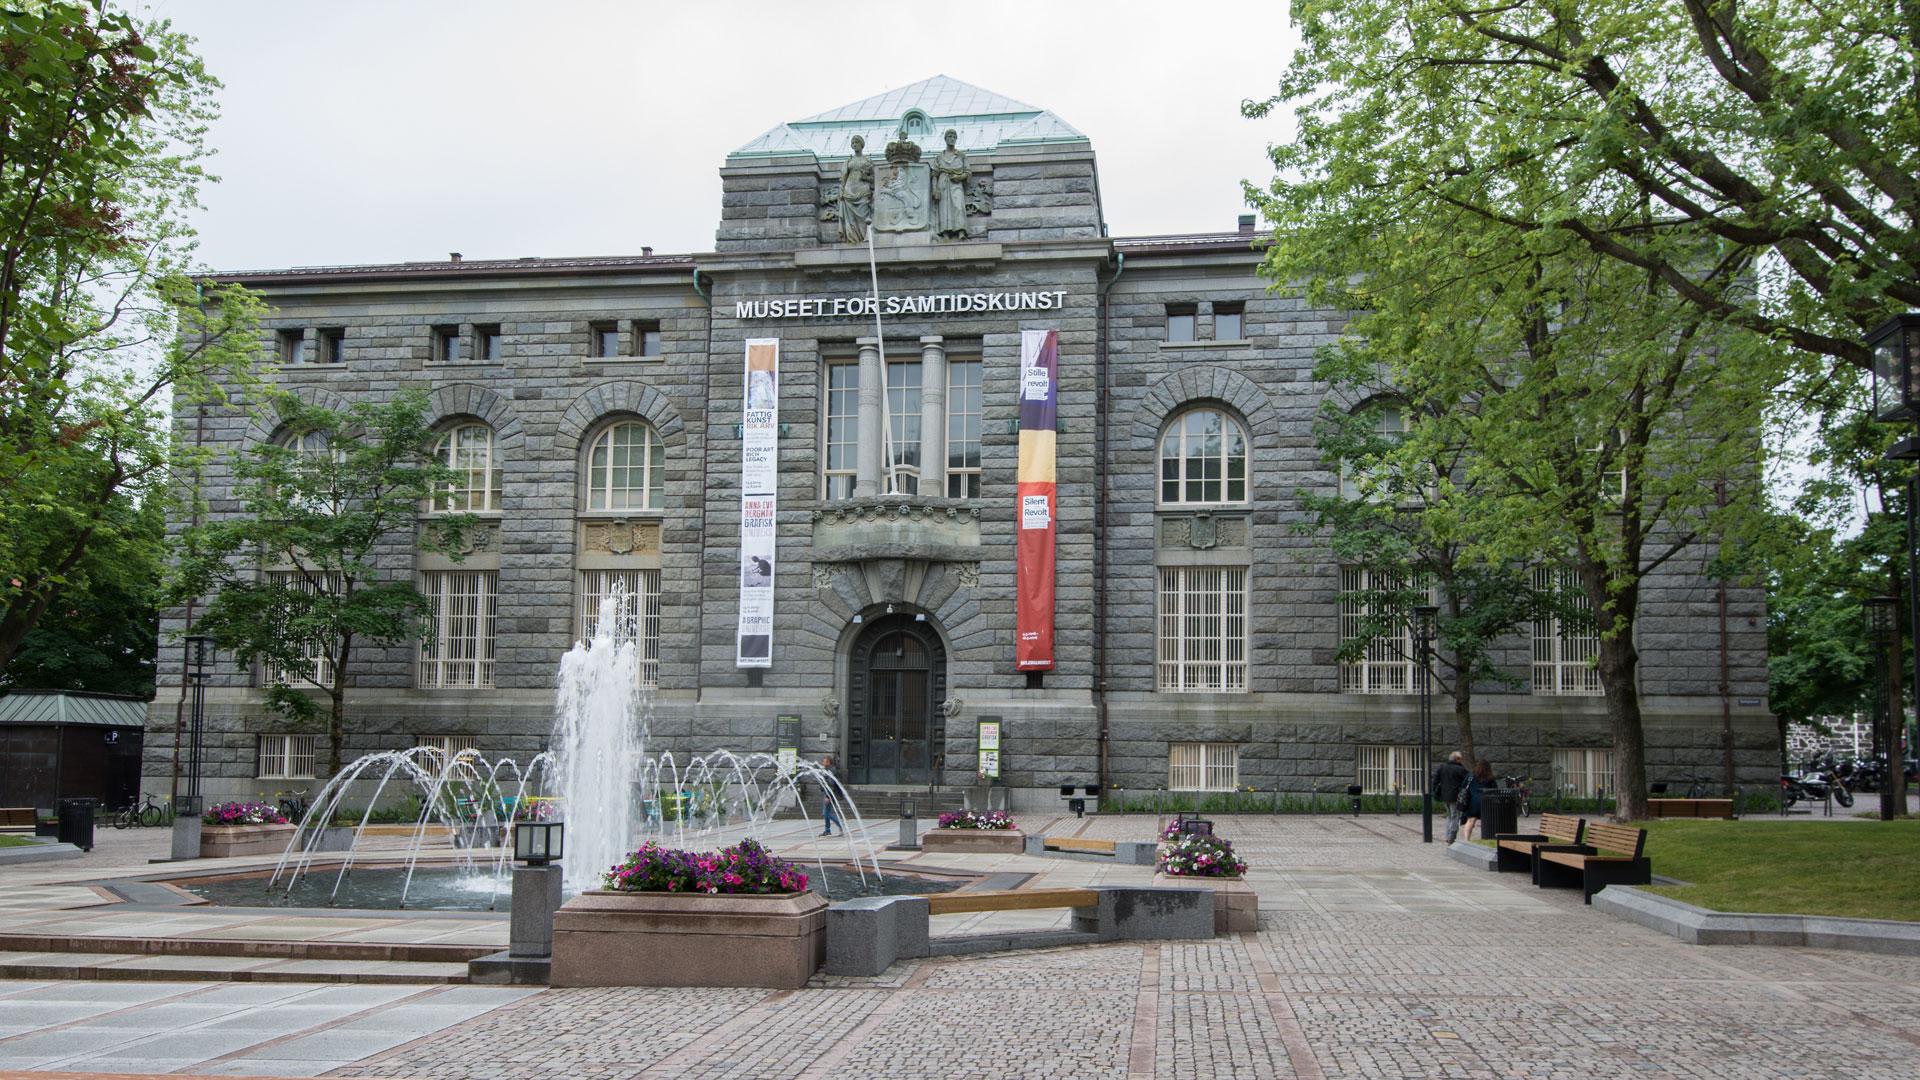 Bilde av Norges Banks tidligere hovedkontor på Bankplassen 4 i Oslo huser i dag Museet for samtidskunst. Foto: Dagfinn Rasmussen, Riksantikvaren